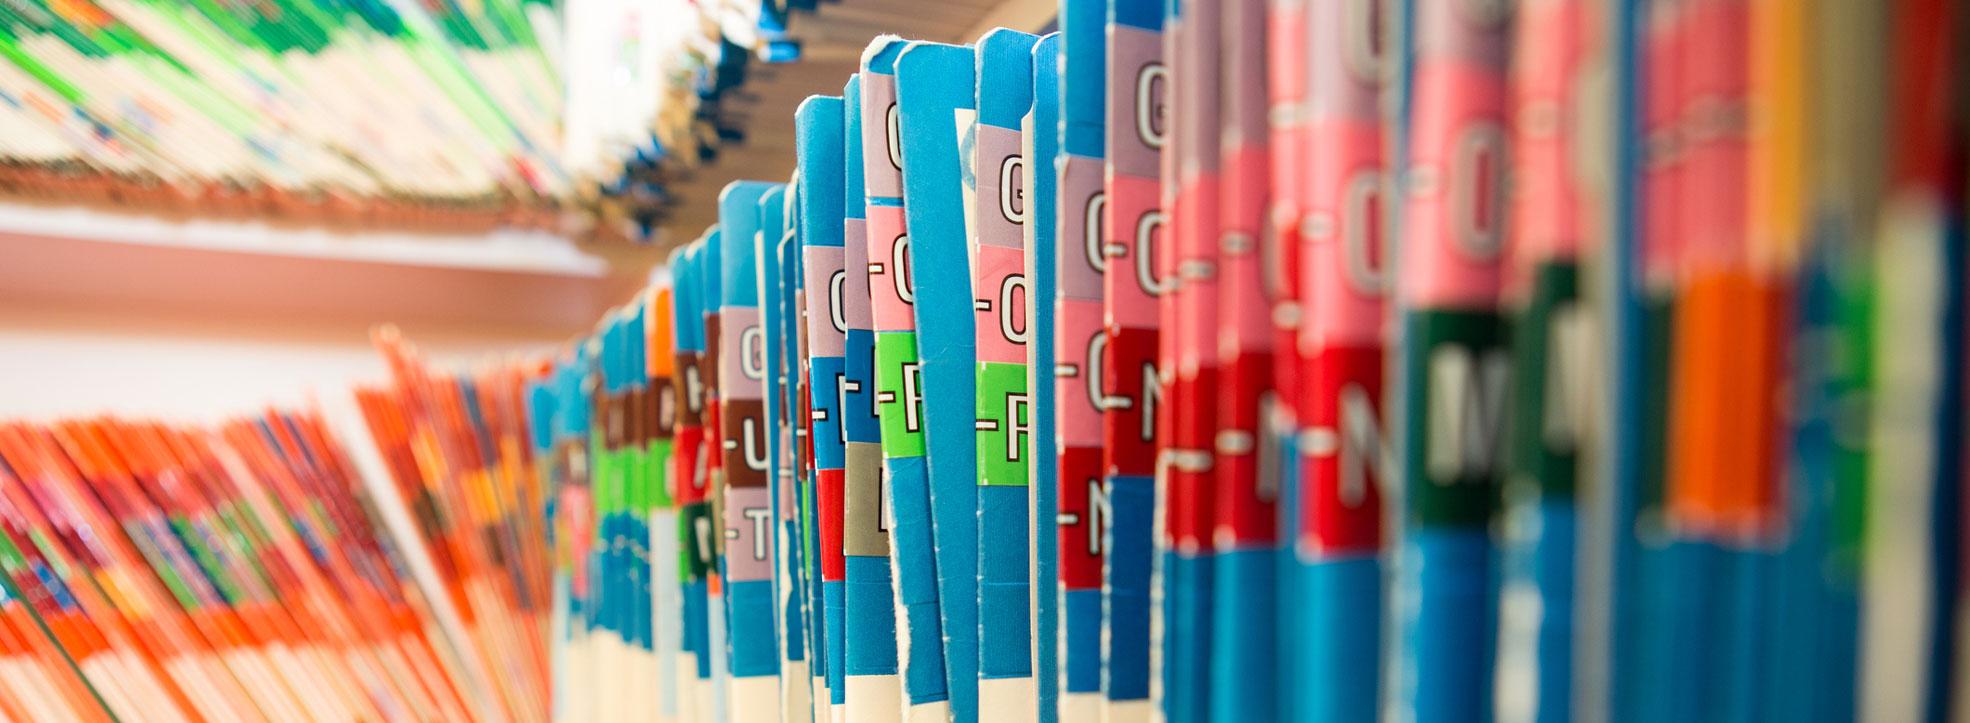 Files-banner.jpg